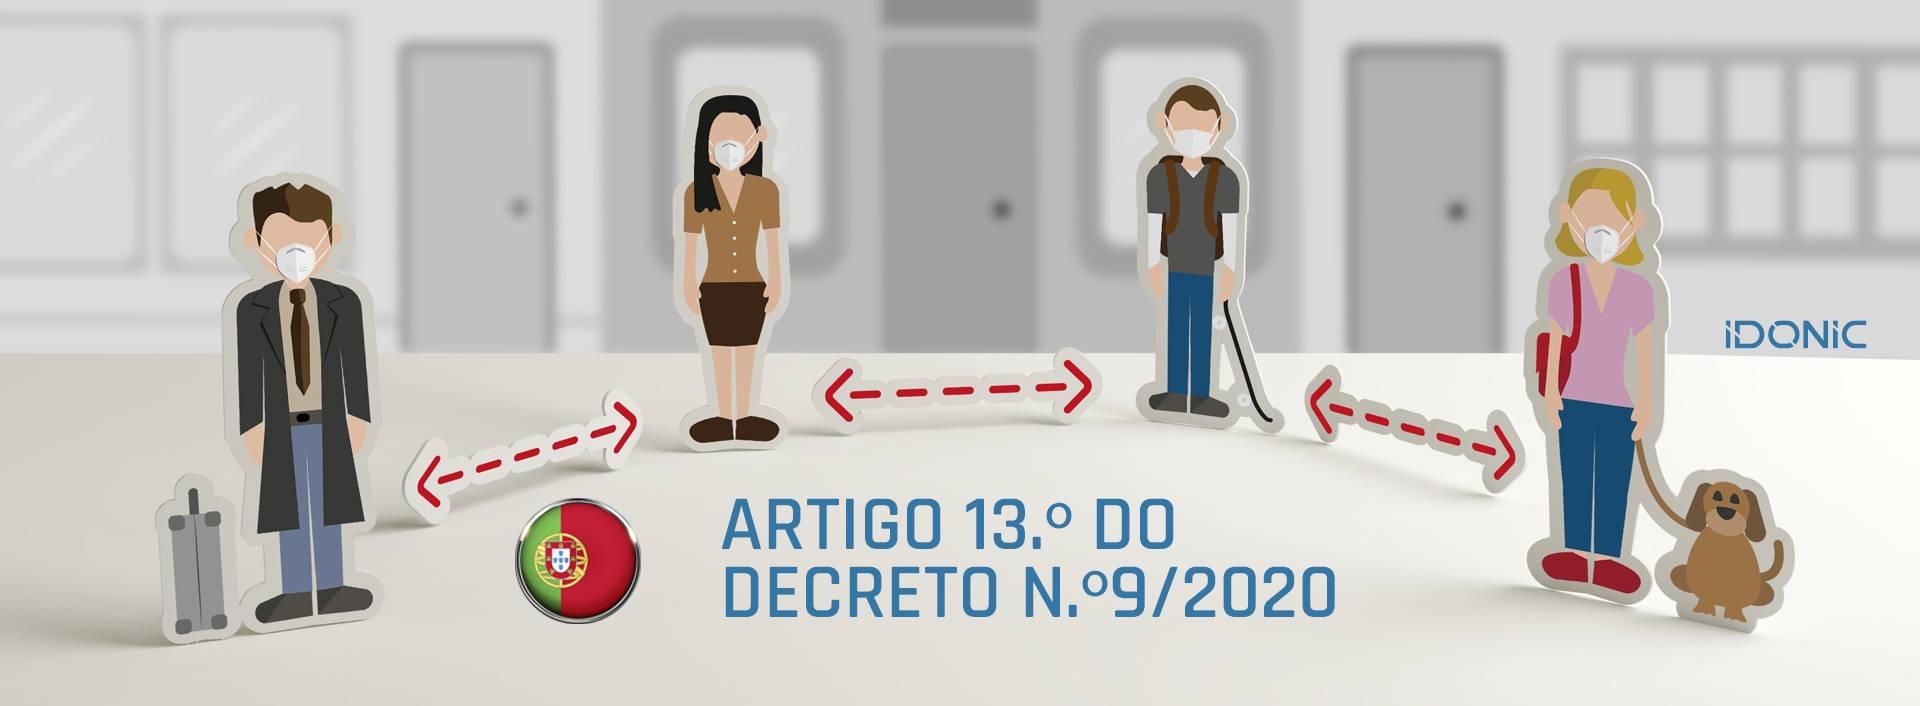 artigo-13-do-decreto-n9:2020-IDONIC